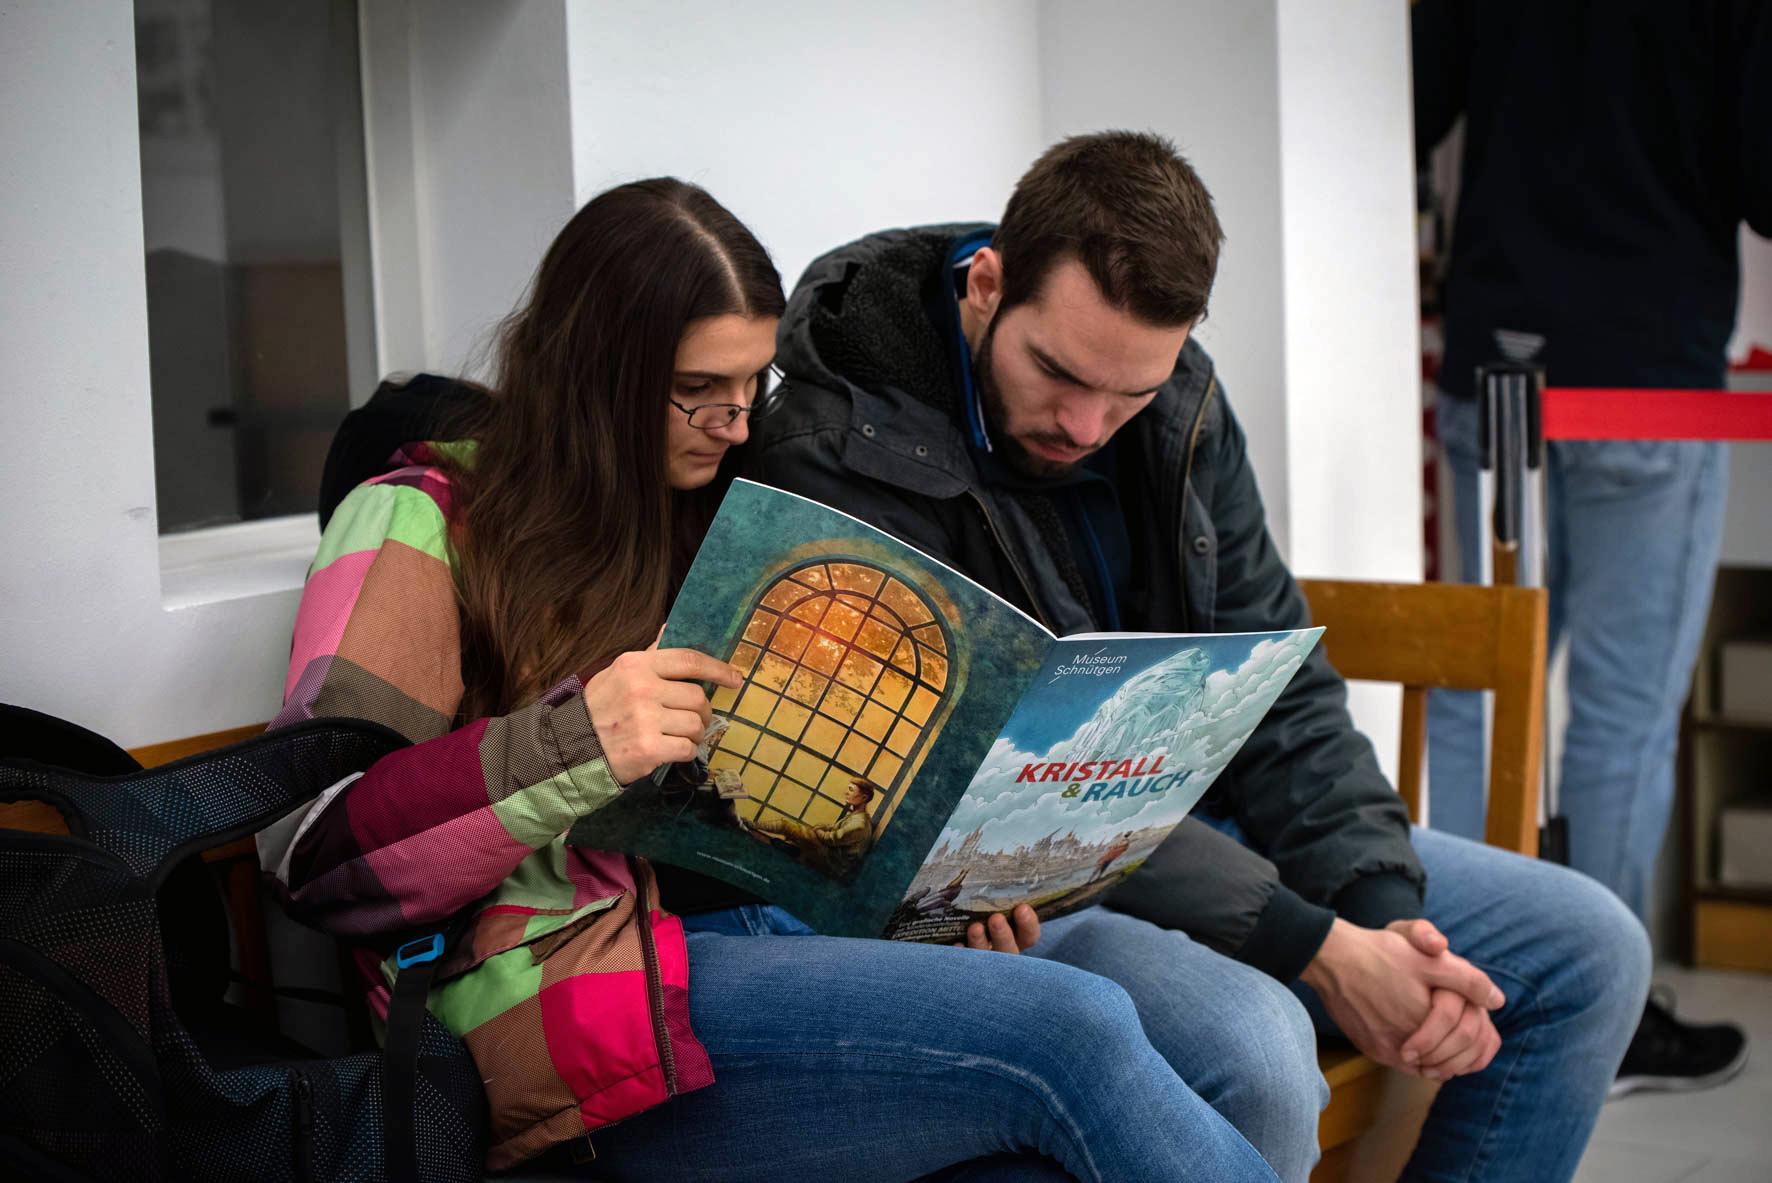 """Museumsnacht 2018 im Cöln Comic Haus - Besucher lesen den Ausstellungscomic """"Kristall & Rauch"""""""